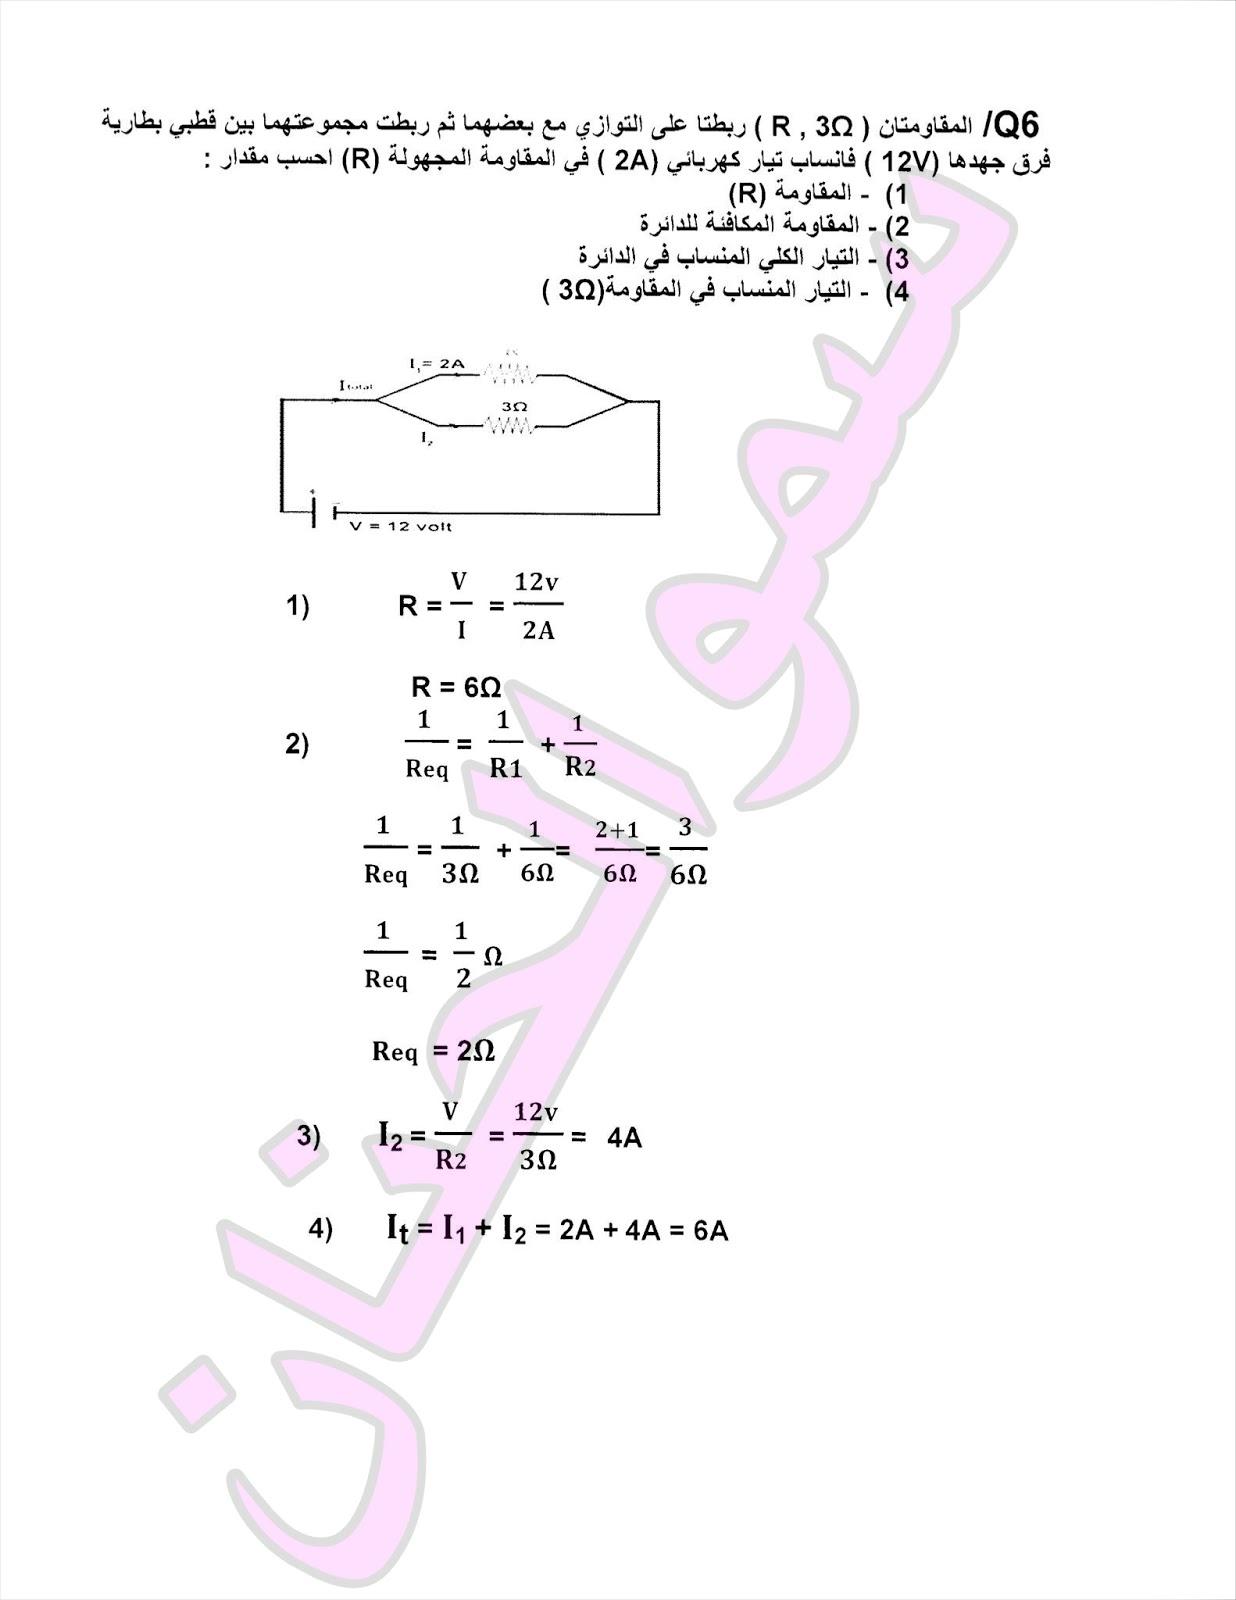 المراجعة المركزة و ملخص لمادة الفيزياء للصف الثالث المتوسط 2018 1411